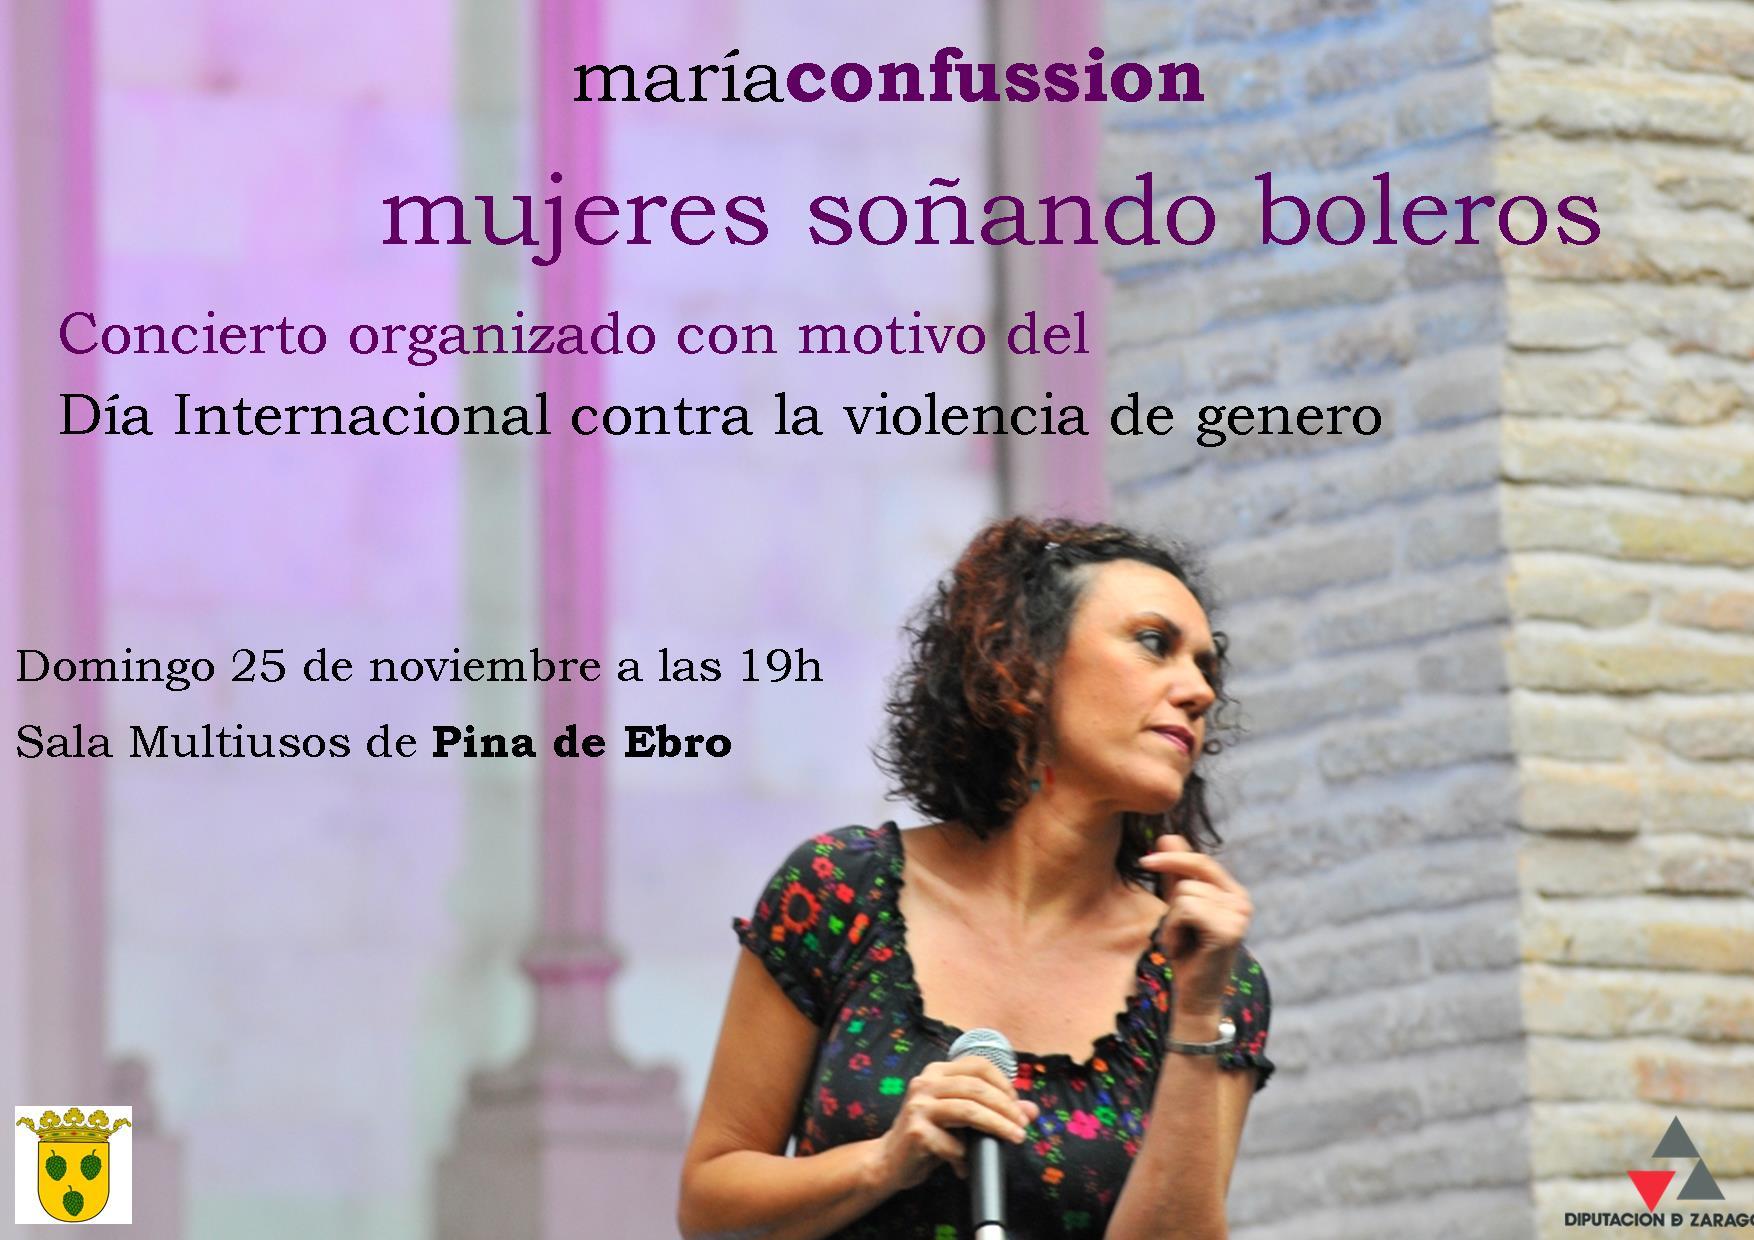 cartel Pina maríaconfussion 1